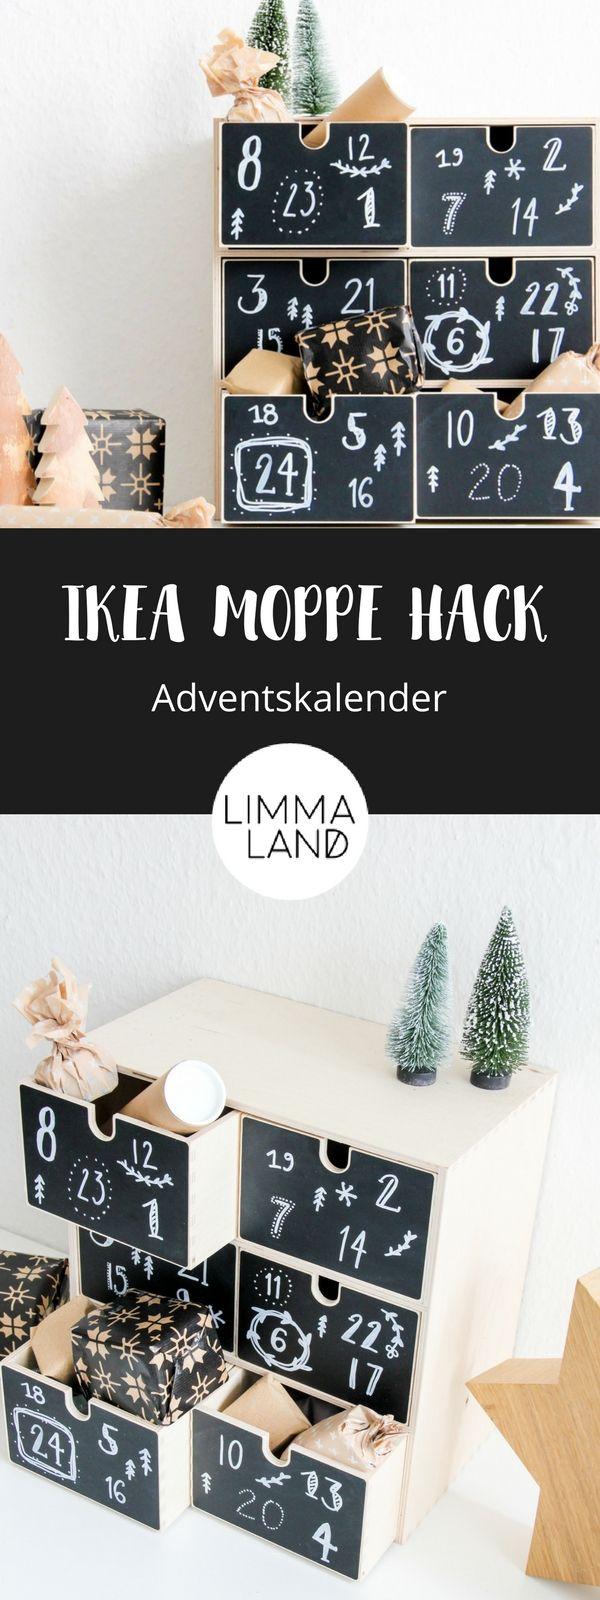 Die IKEA MOPPE Kommode lässt sich prima als Adventskalender nutzen und das ist nicht mal viel Arbeit. Die Tafelfolie gibt es passend zugeschnitten und diese kann mit Zahlen verziert werden. Alle Päckchen rein und schon ist der MOPPE Adventskalender fertig. Nach der Adventszeit wird die Tafelfolie einfach neu gestaltet und die MOPPE zur Aufbewahrung genutzt.